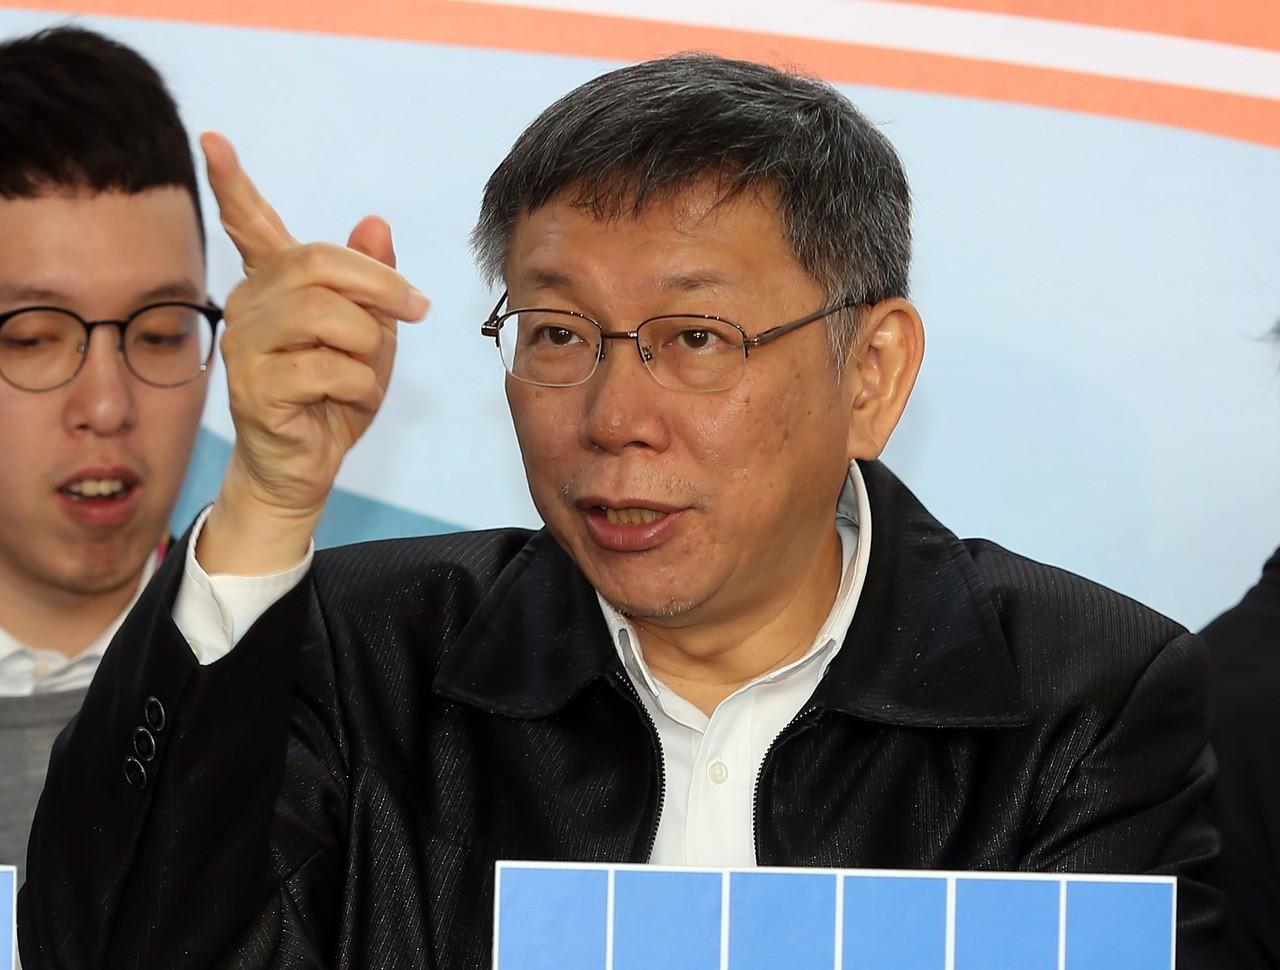 台北市長柯文哲(中)昨說,自己工作時像雍正,是冷酷的酷吏,高雄市長韓國瑜比較溫暖...